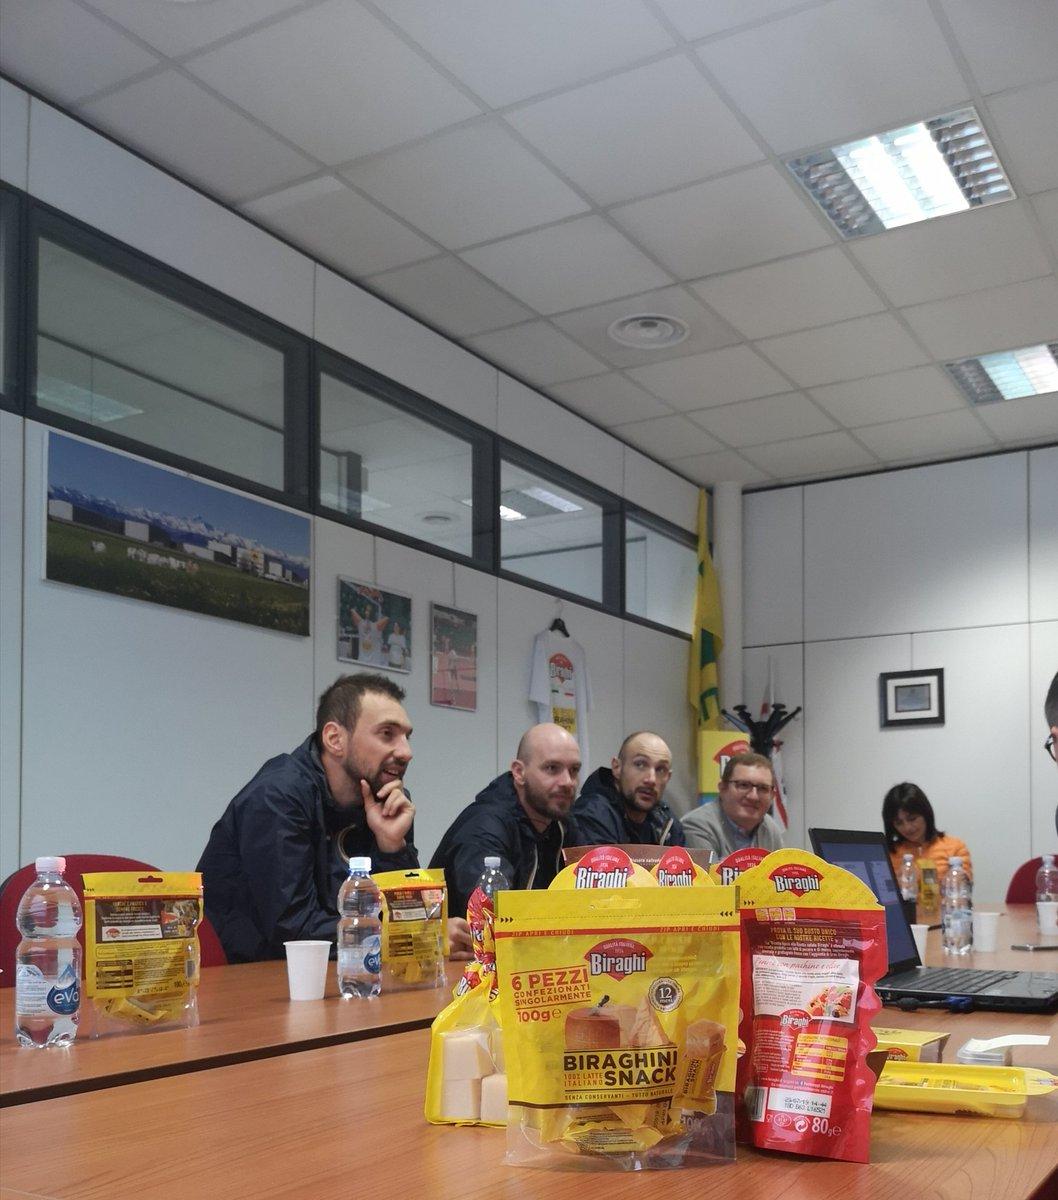 Visita presso lo stabilimento del nostro sponsor  Biraghi con  il d.g. @ferenczbartocci, il capitano @PeppePoeta, Cusin e il team manager Parente💛💙  #goaux #TuttiPerTorino https://t.co/D8F1HMCeHN